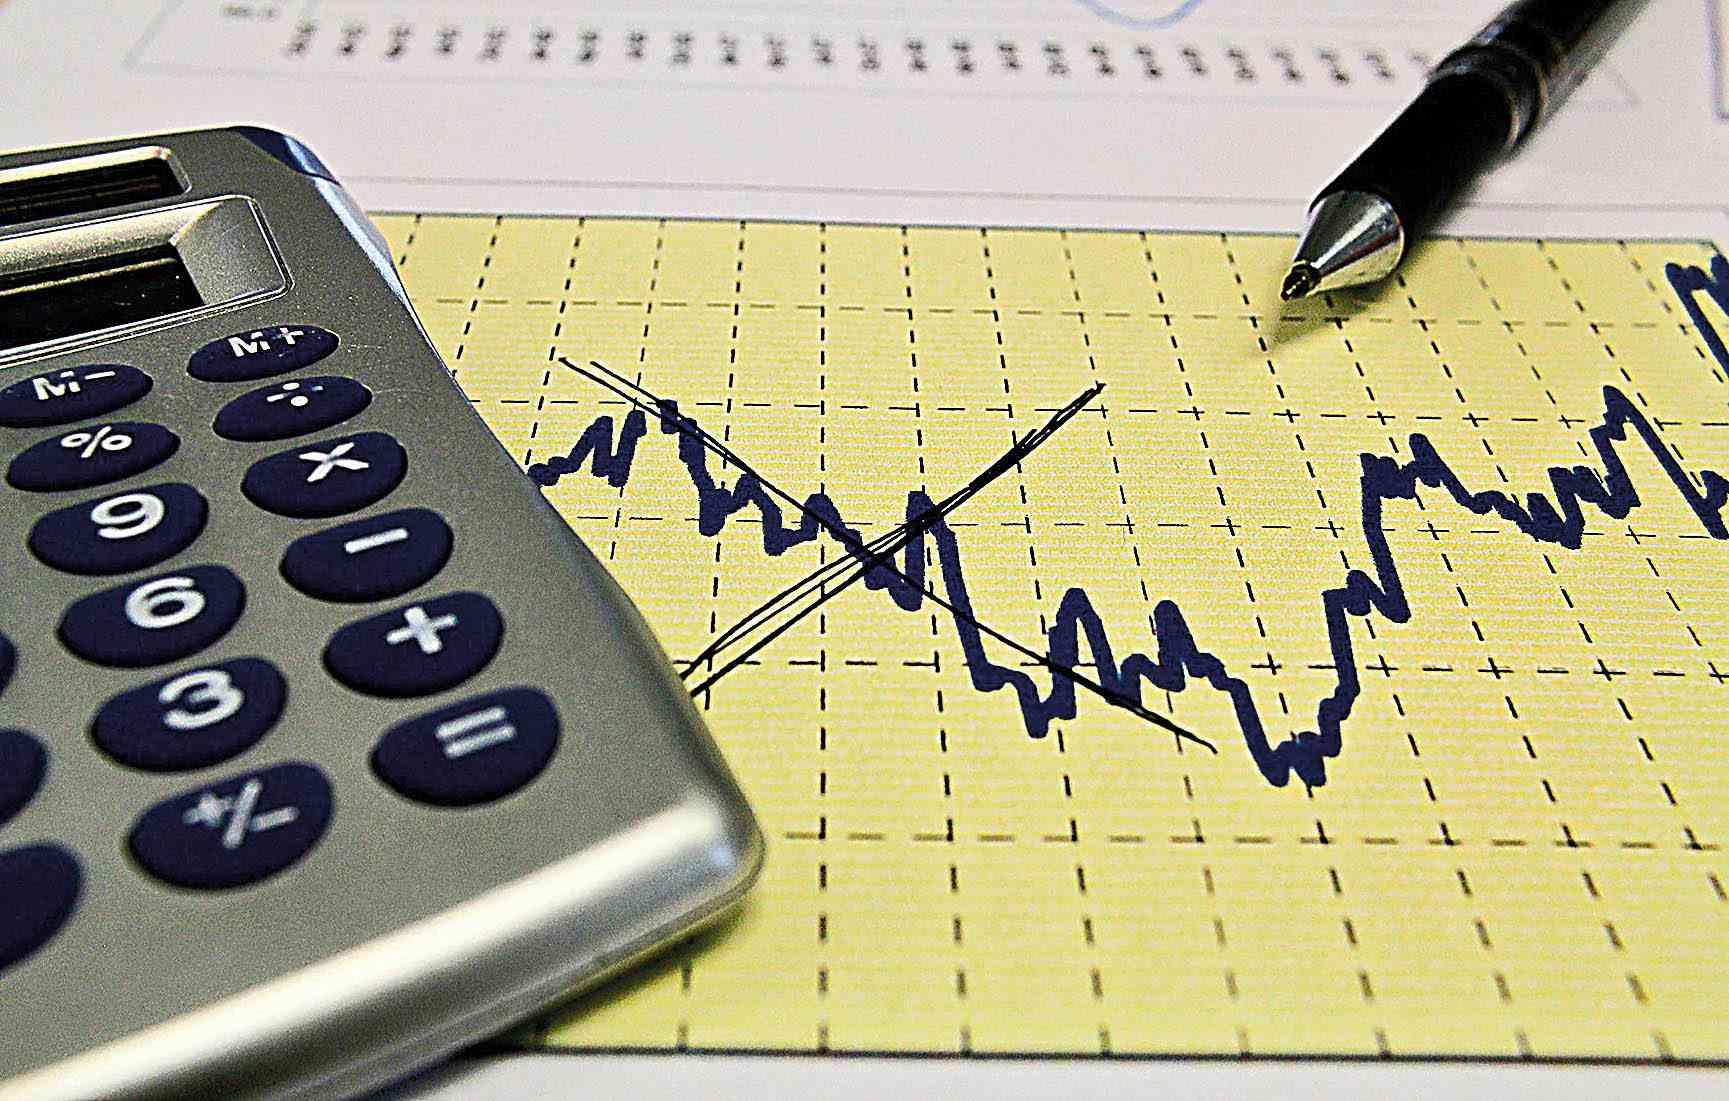 calculadora sobre papel amarelo com gráfico em queda desenhado